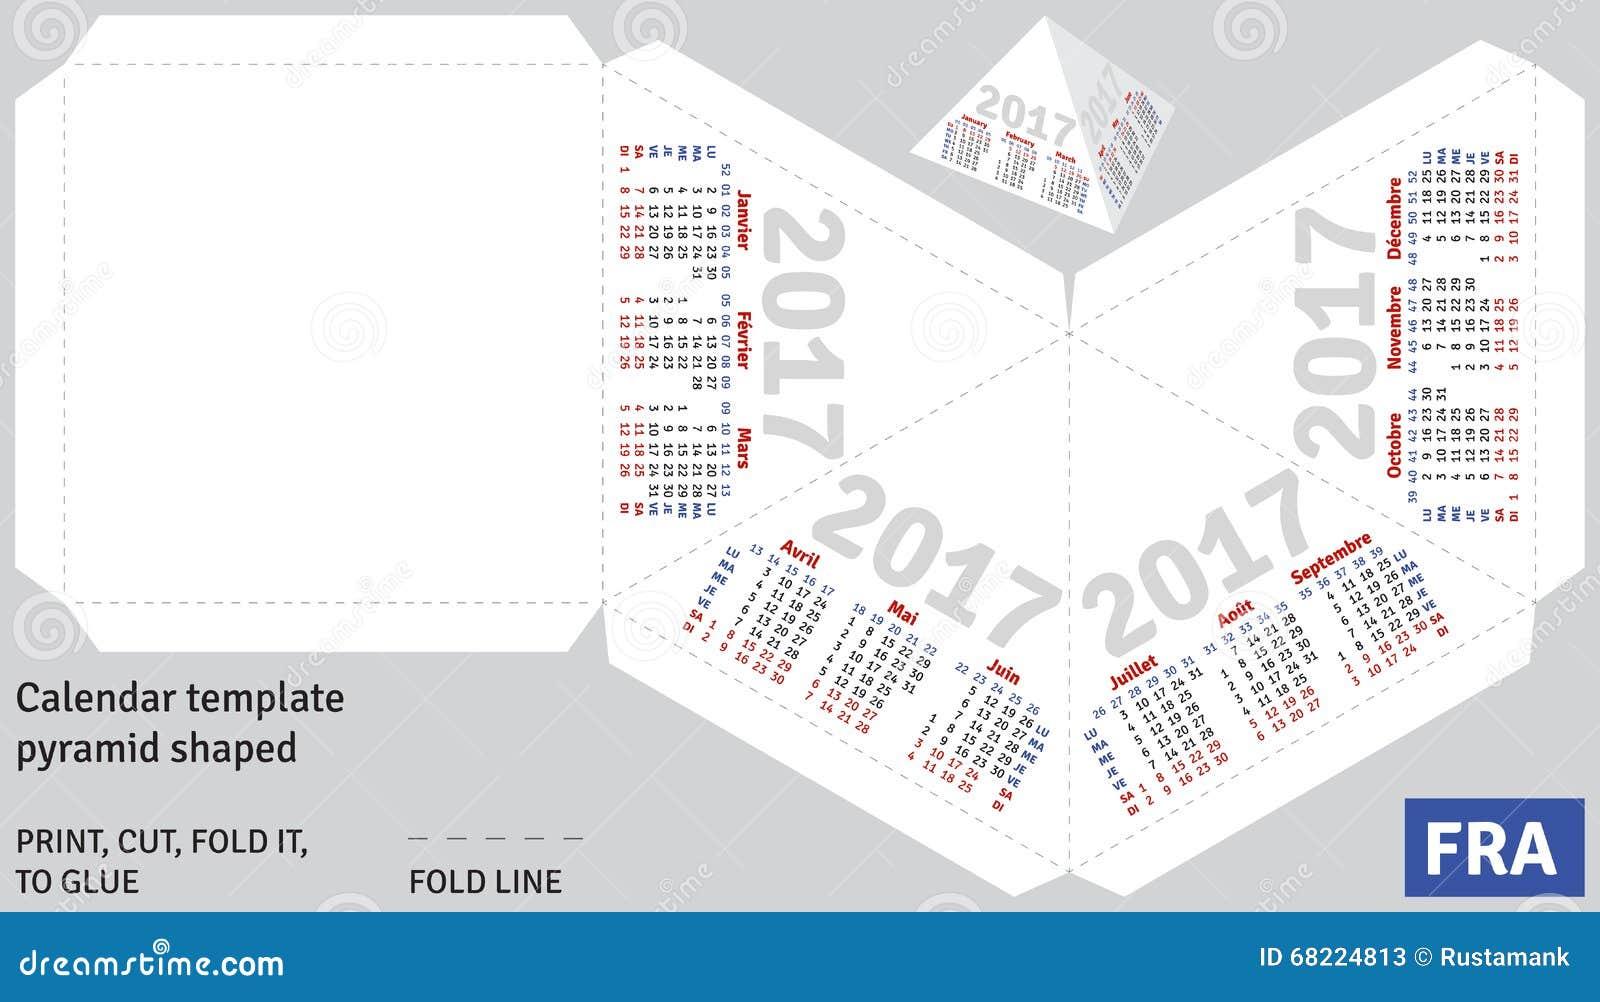 Pirámide Francesa 2017 Del Calendario De La Plantilla Formada ...